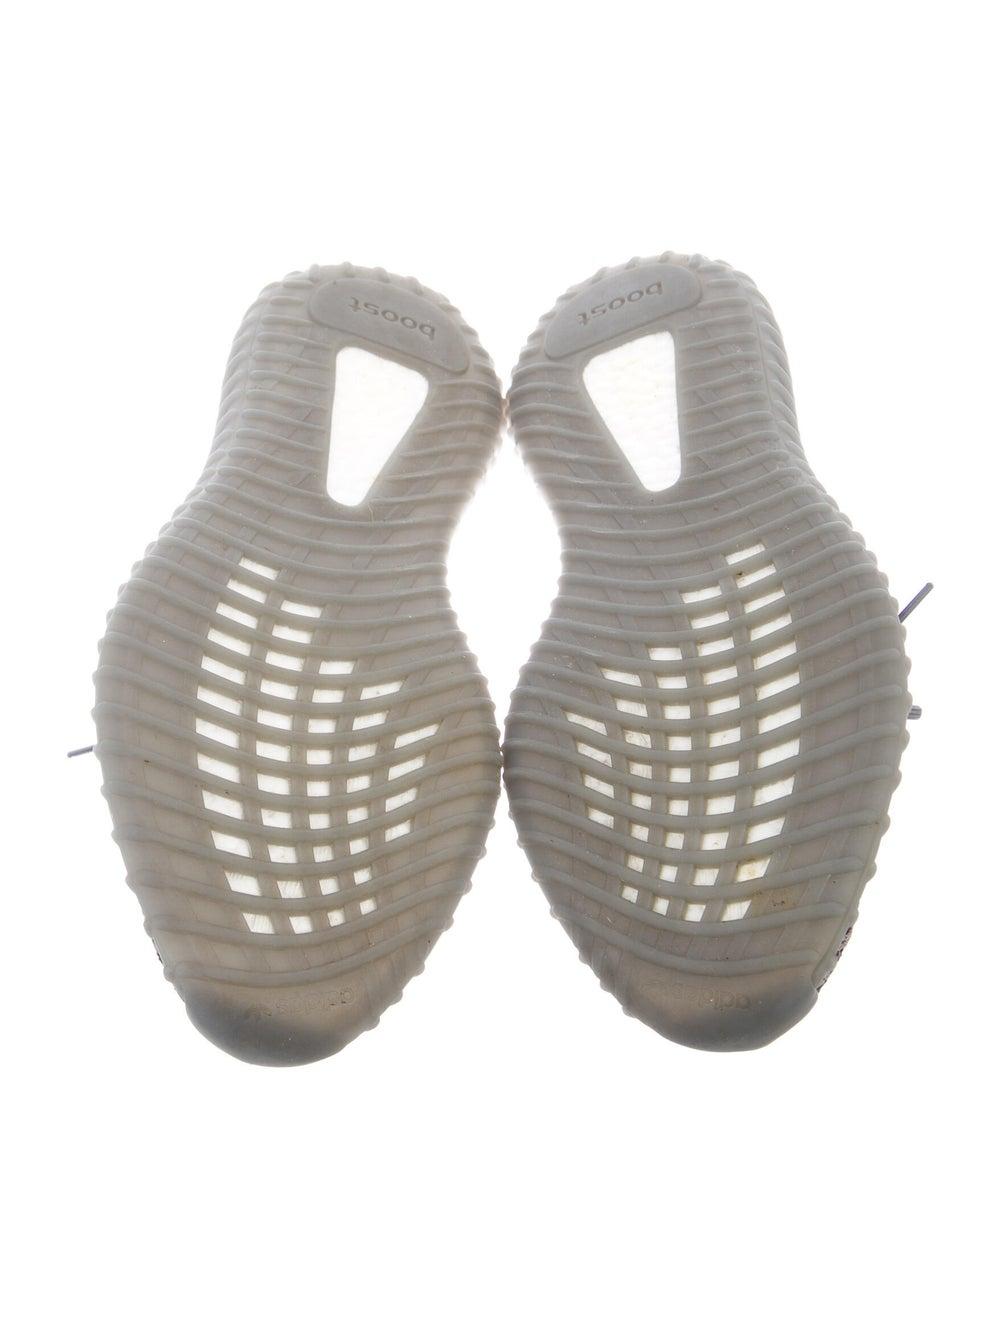 Yeezy Yeezy Boost 350 V2 Beluga 2.0 Sneakers Grey - image 5